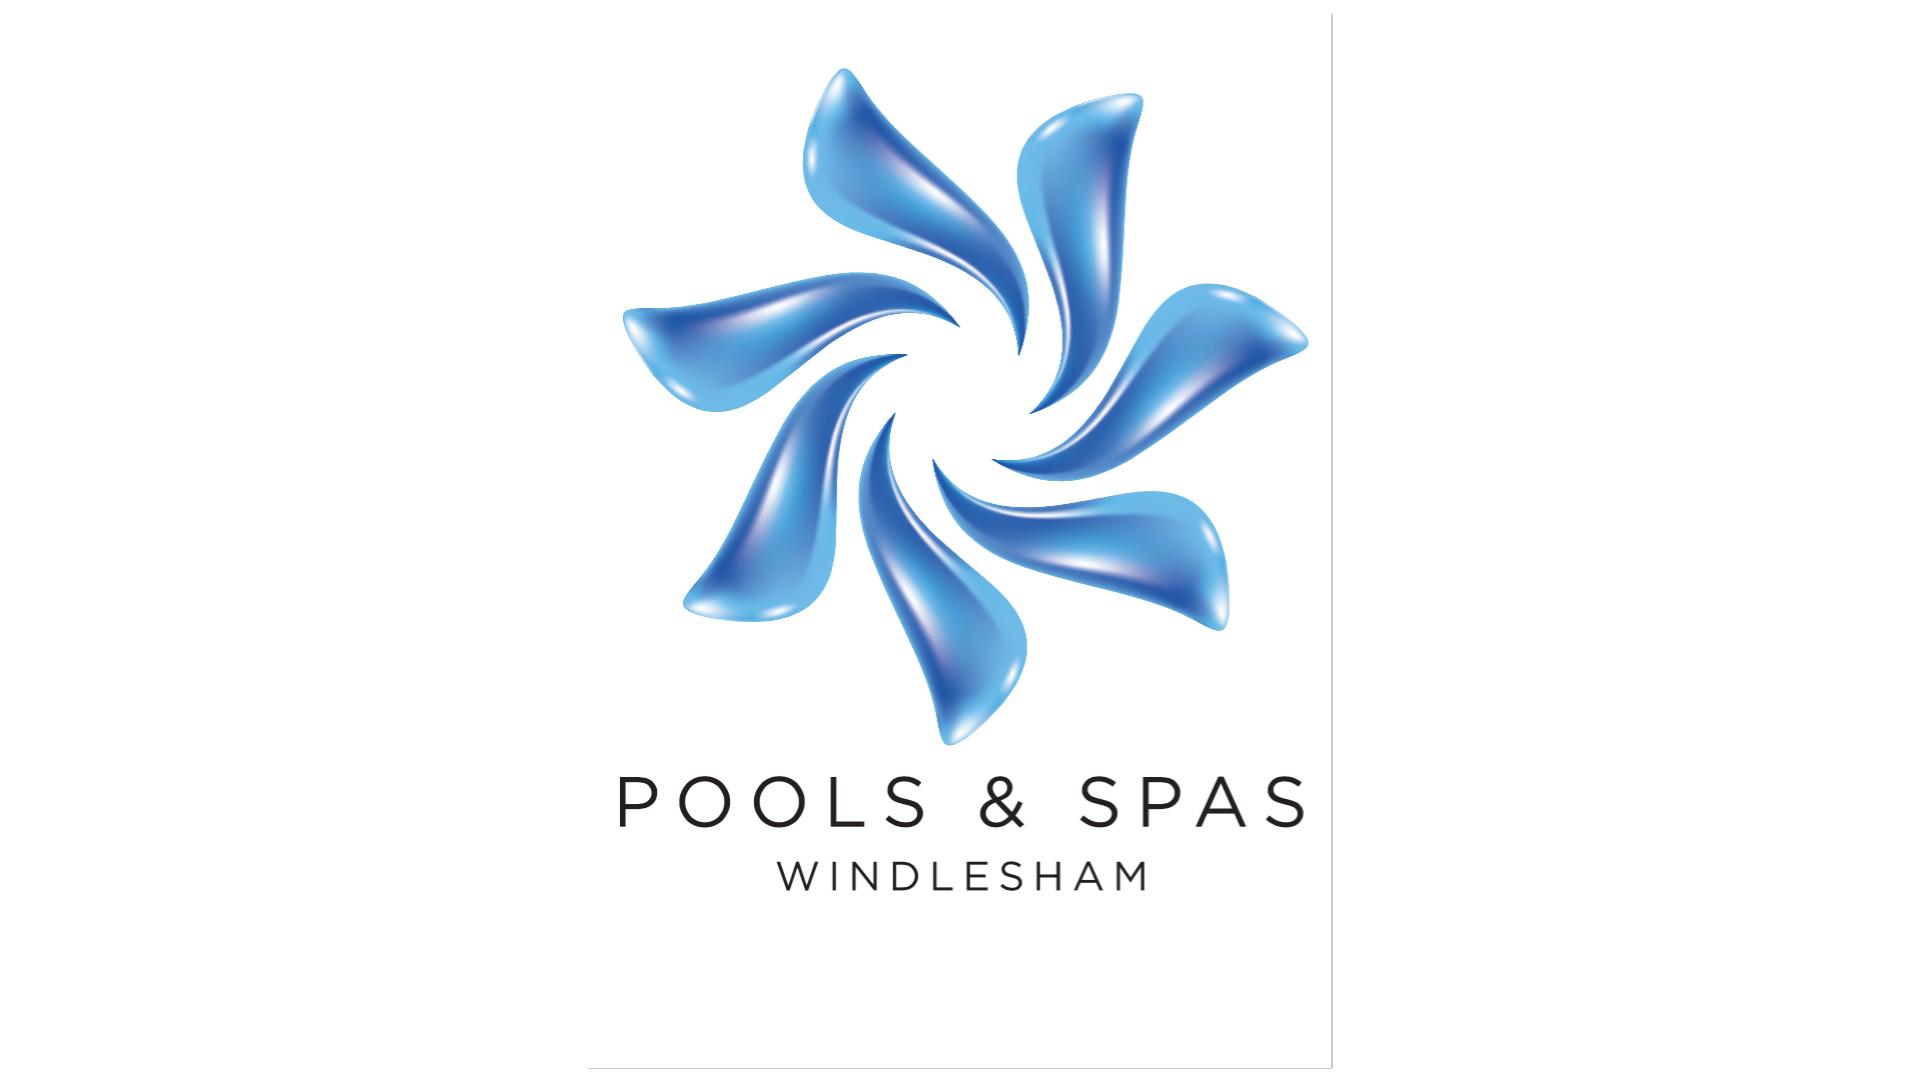 Pools and Spas Windlesham